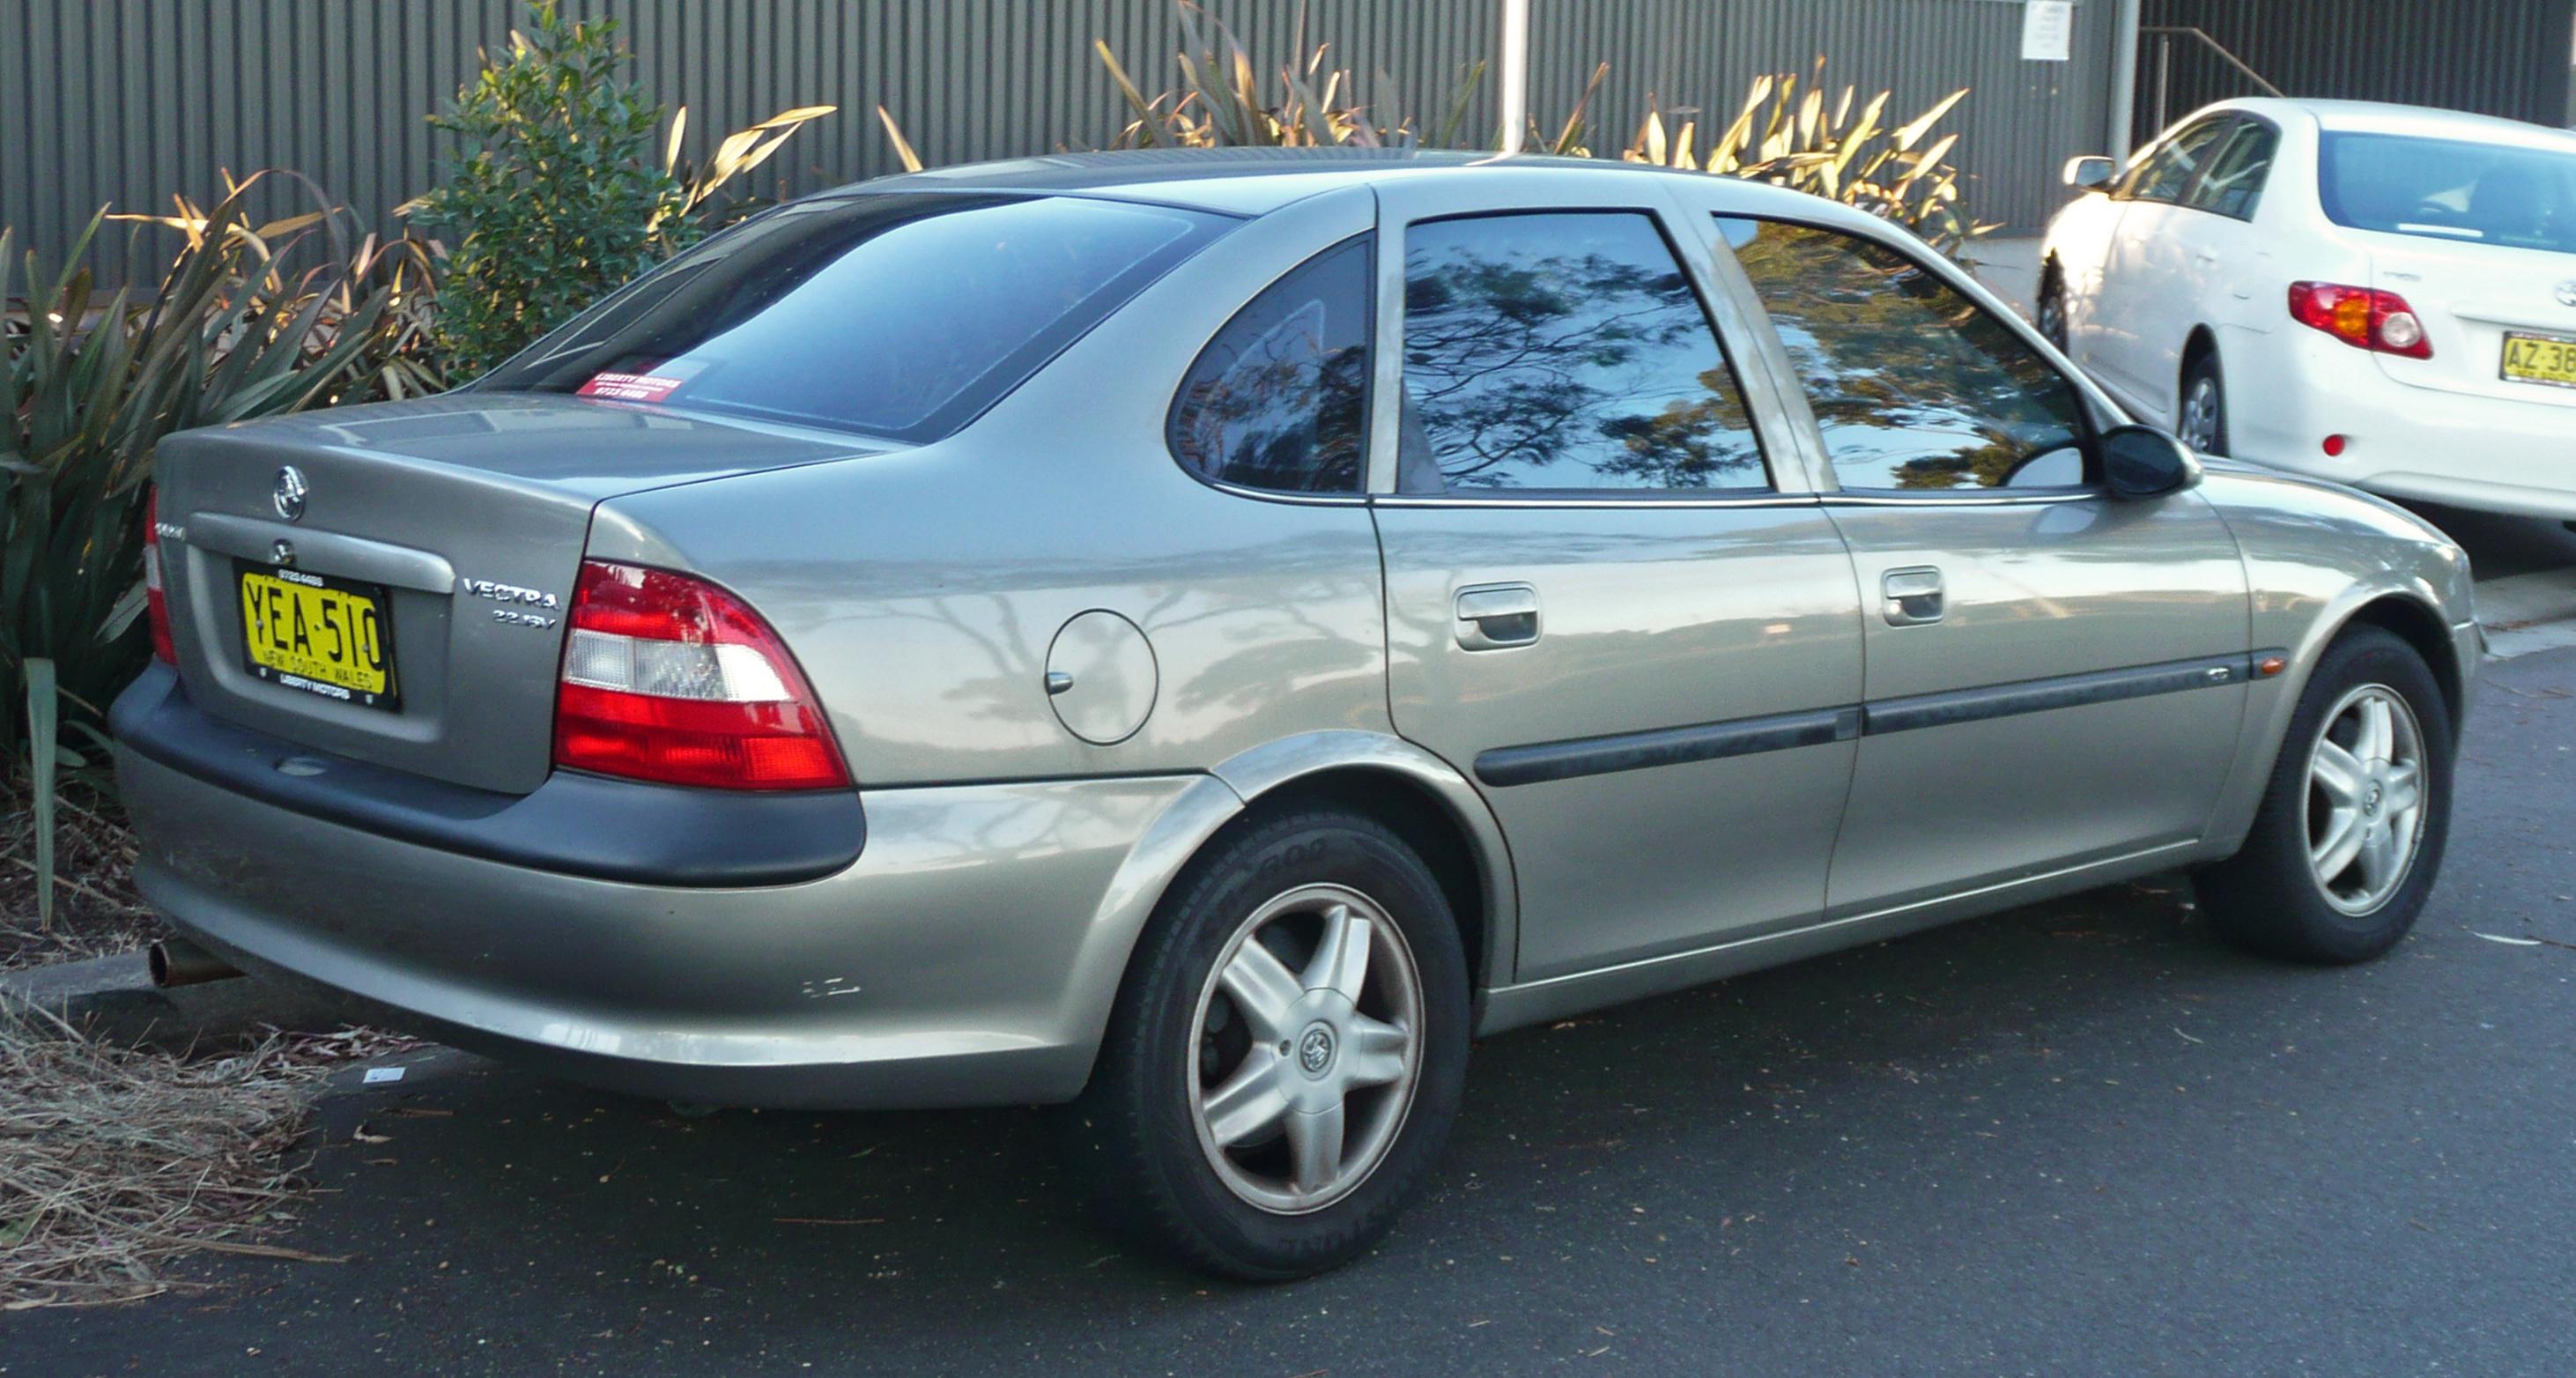 Holden Vectra 1998 - 2001 Hatchback 5 door #1